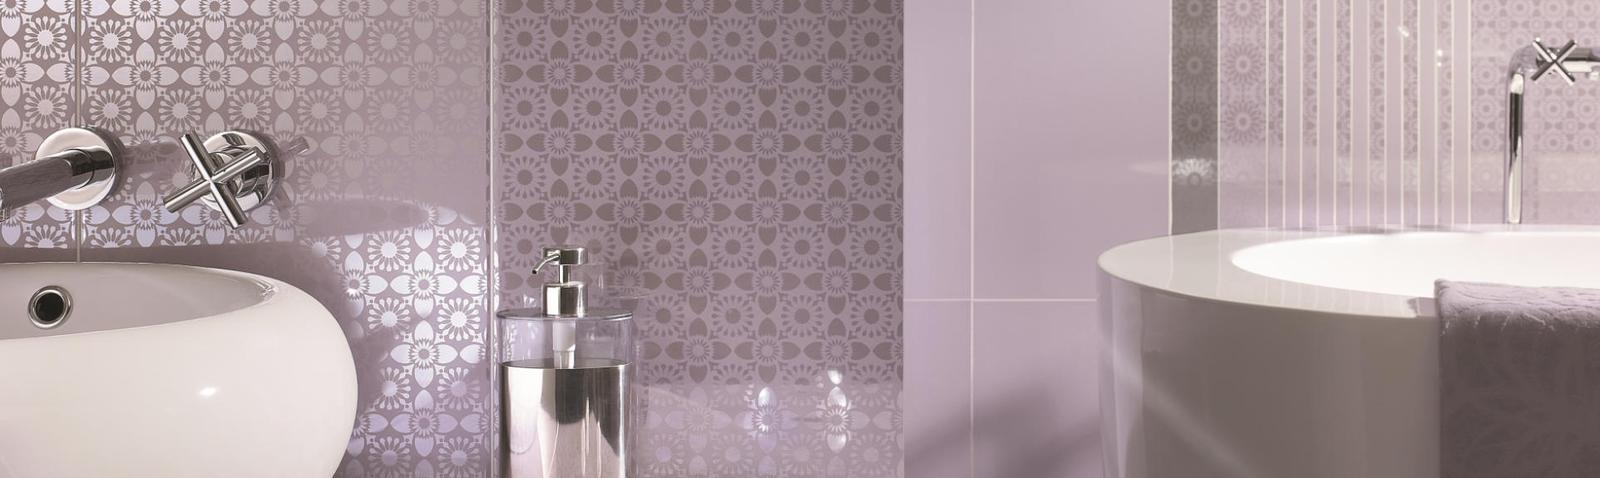 Obklady, dlažba, koupelny - Obrázek č. 71